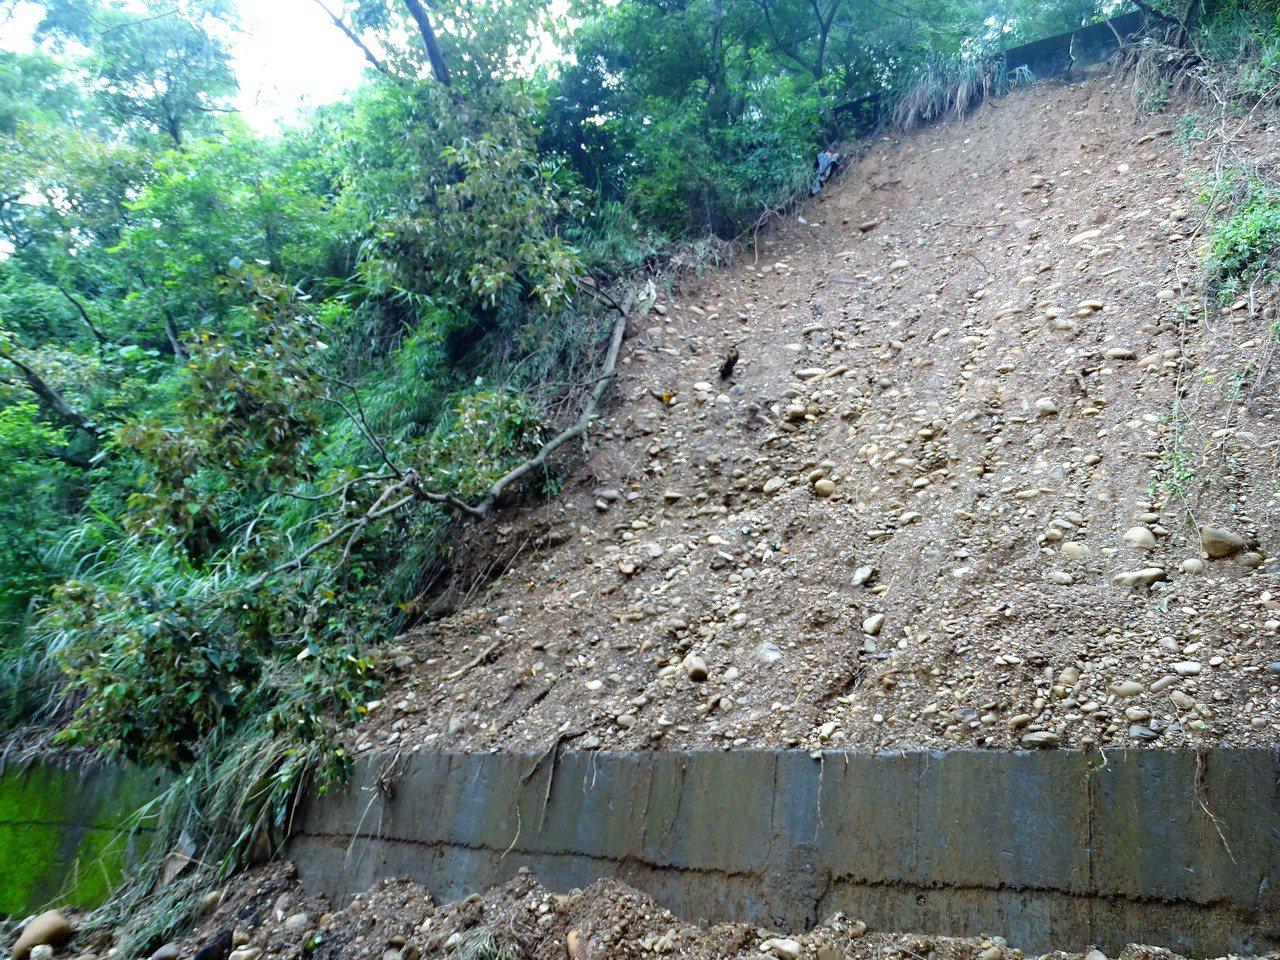 彰化縣二水鄉豐柏路有多處坍方過的路段,山壁上的樹木和雜草都已經滑落,只見鬆軟的砂...